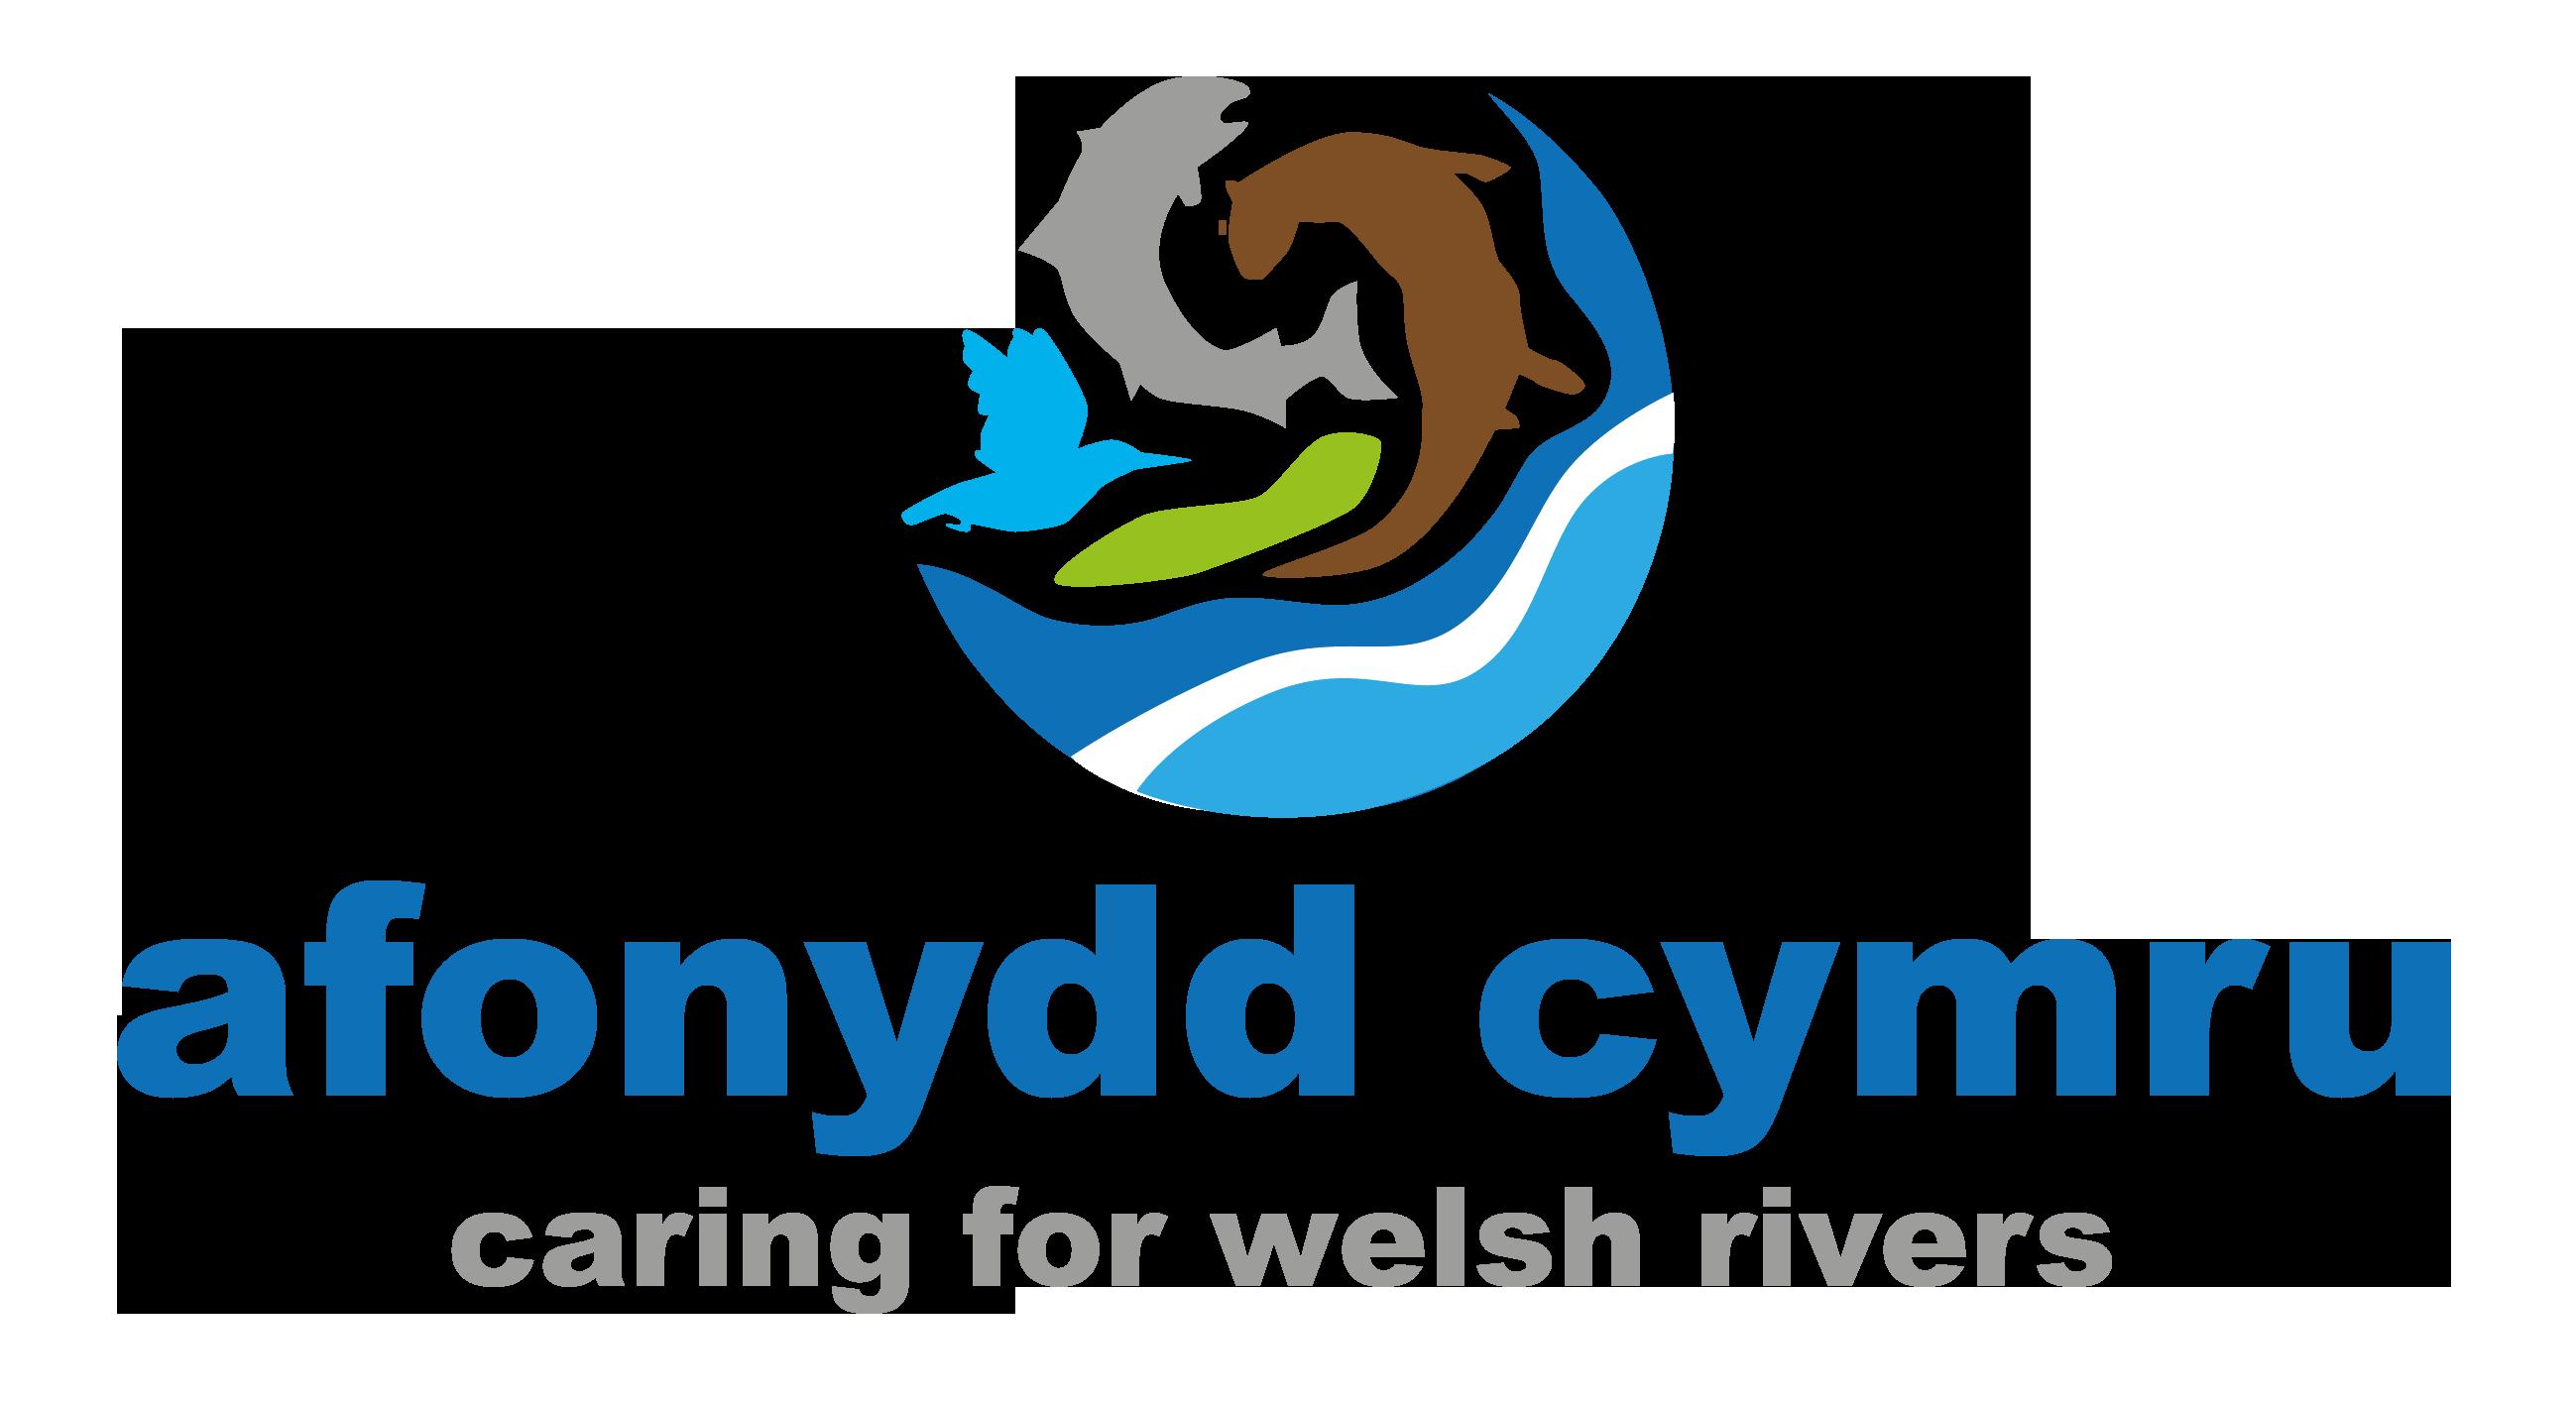 Afonydd Cymru